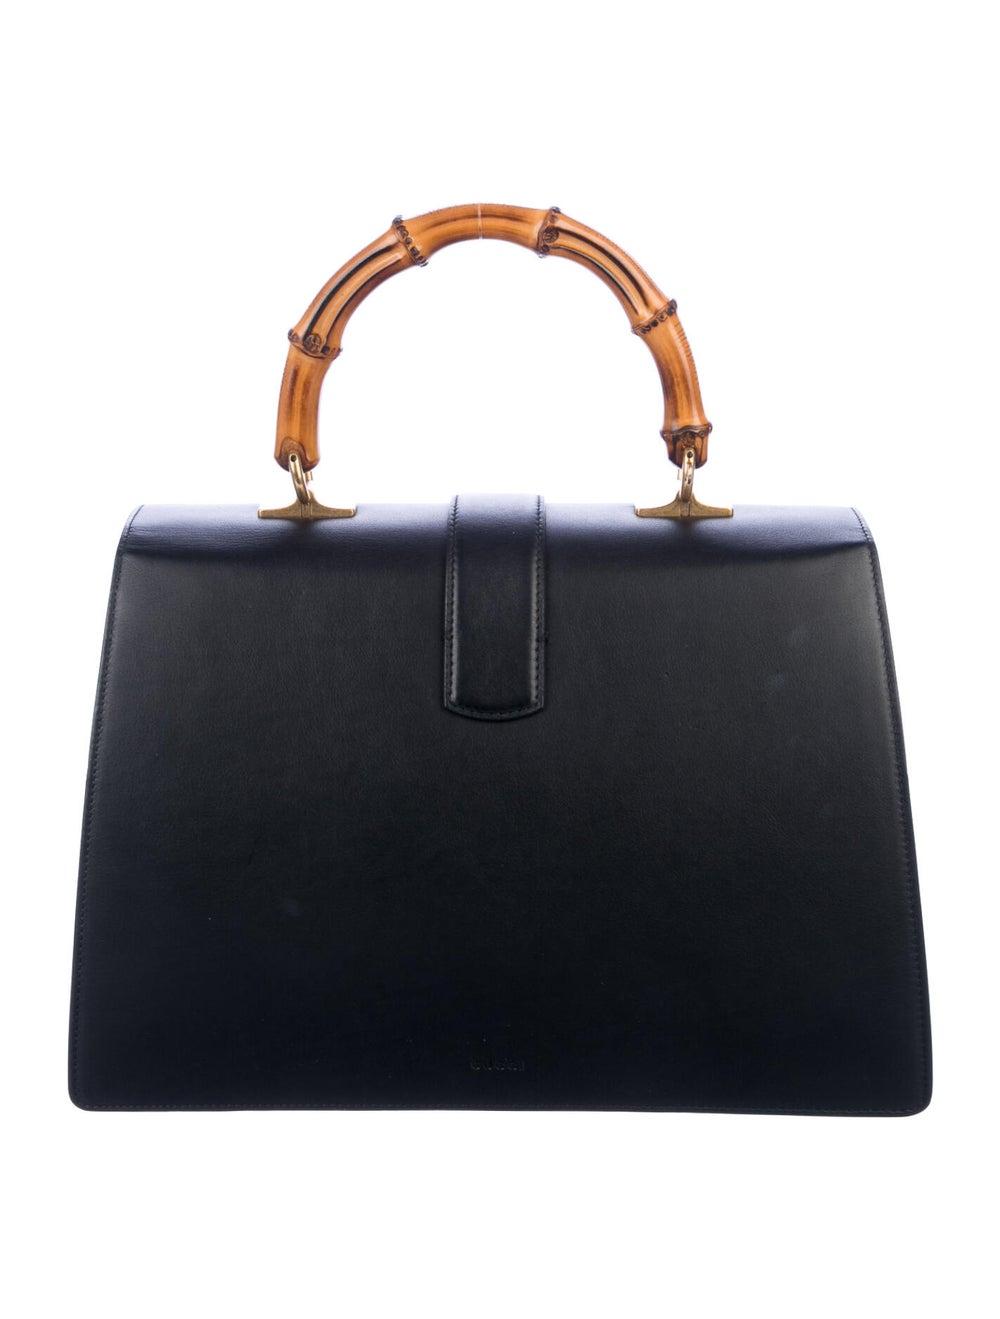 Gucci Large Dionysus Bamboo Handle Bag Black - image 4